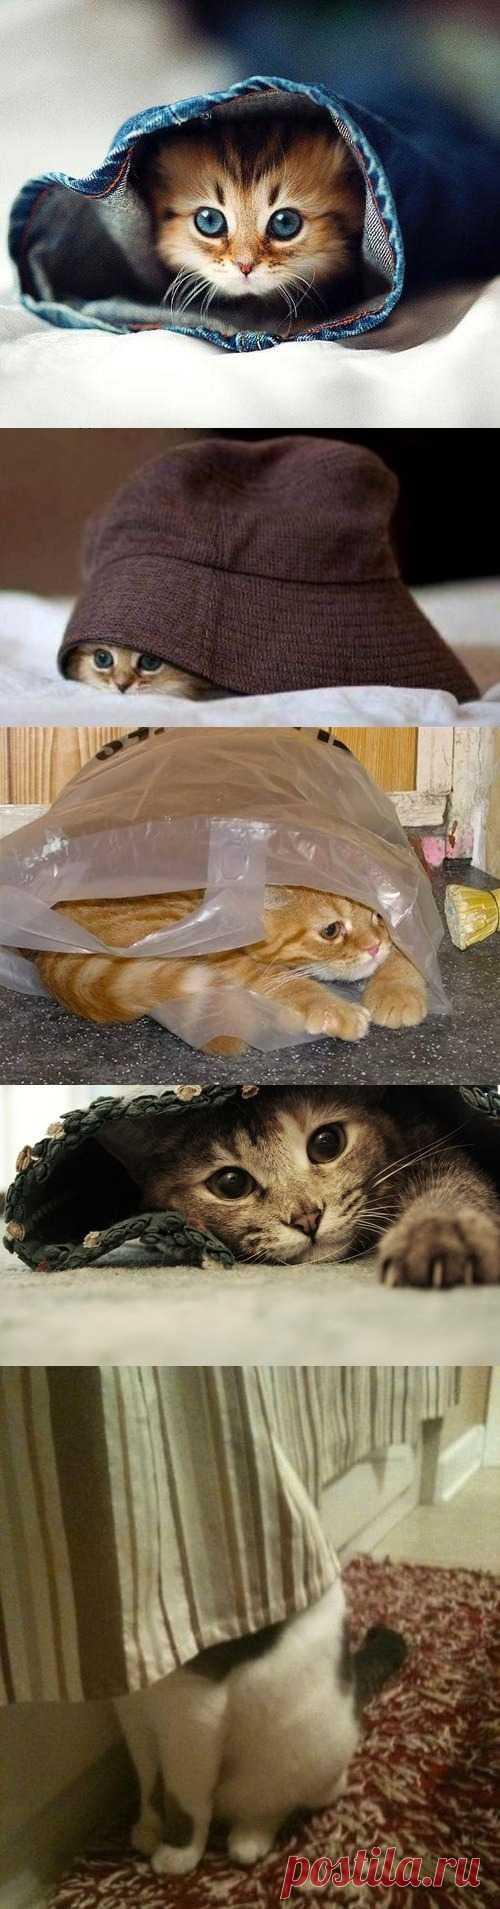 А кто это у нас тут спрятался? ))